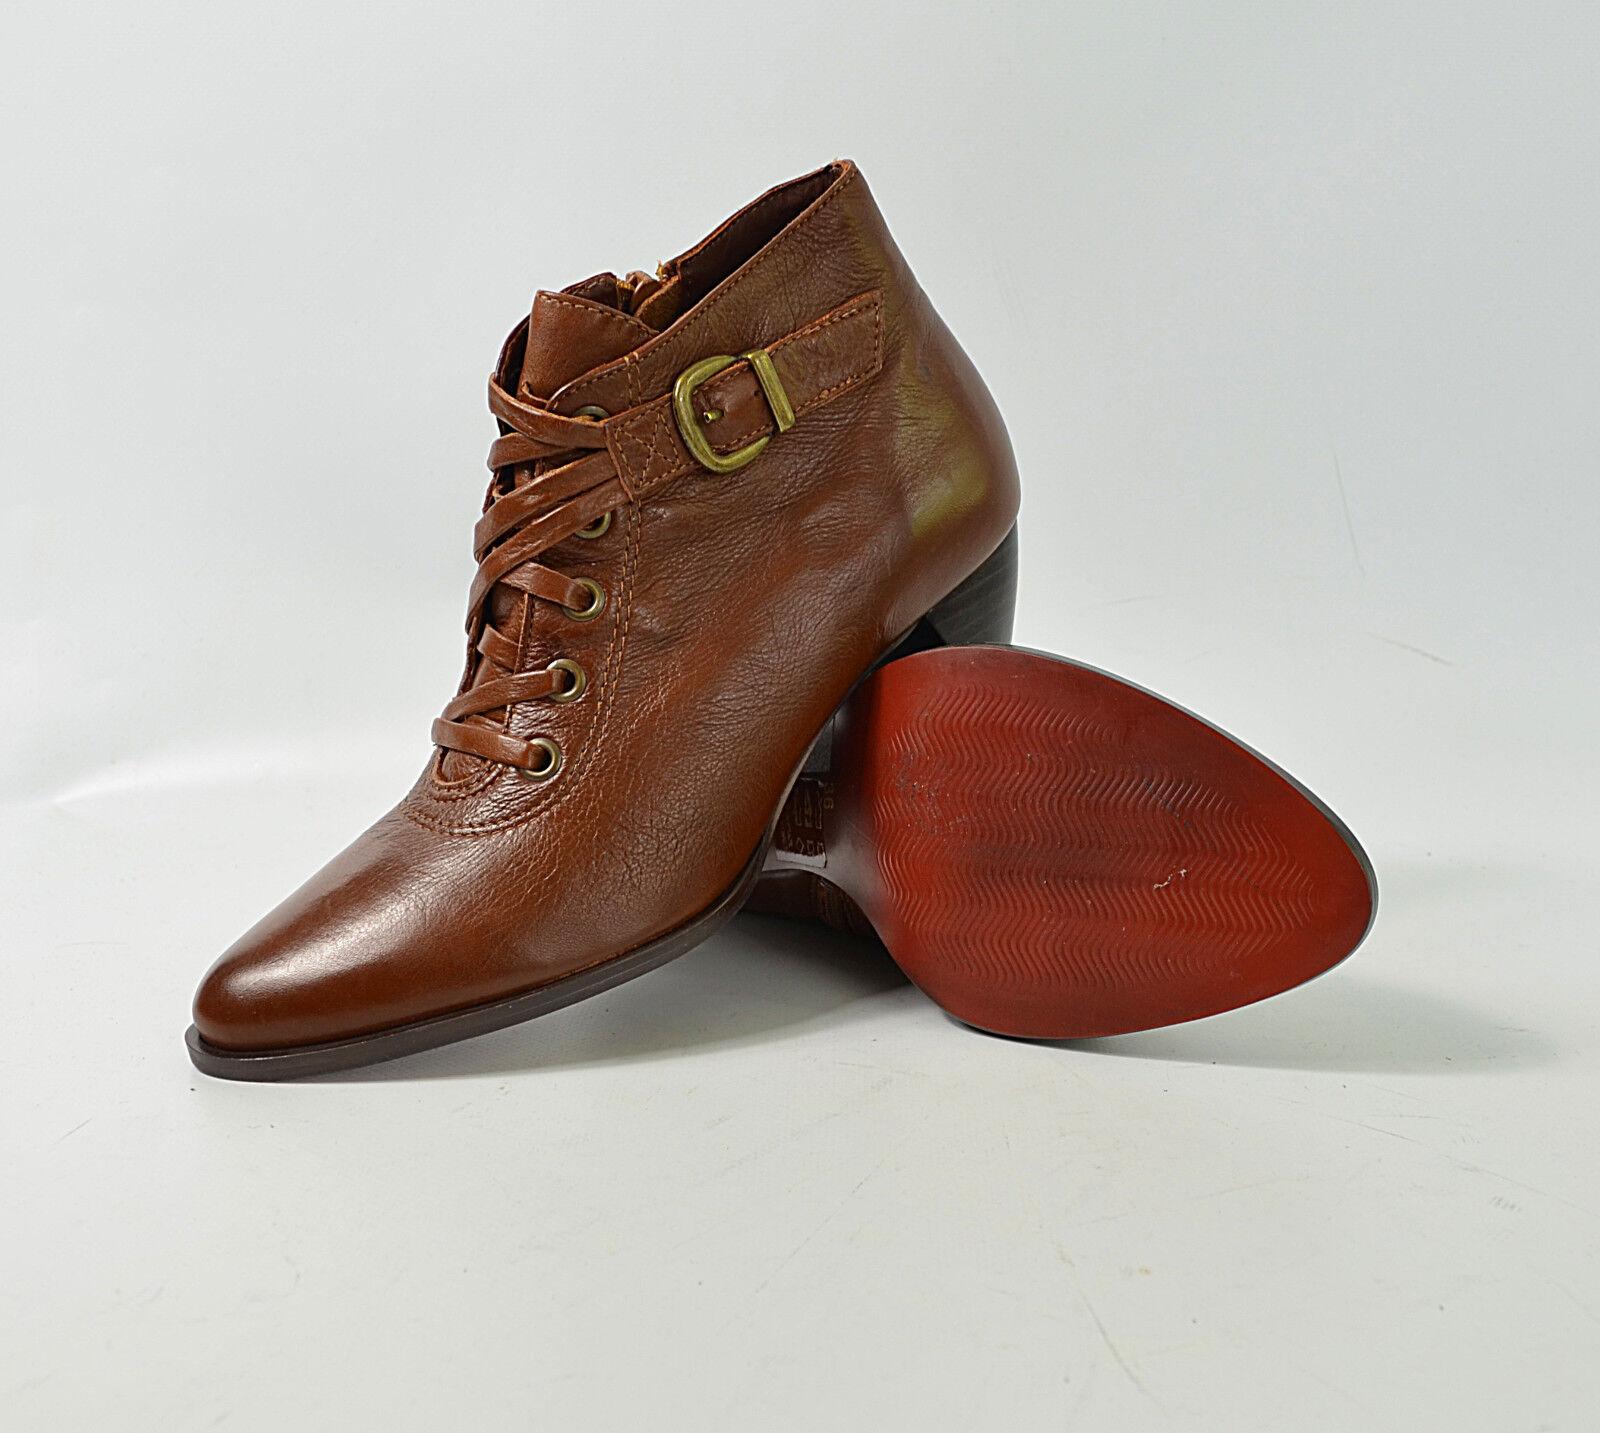 SAN MARINA Miercoles Gr. 36 Stiefellen, Schuhe Leder,   Damen Schuhe Stiefellen, (S) 5/17 M3 f3b084